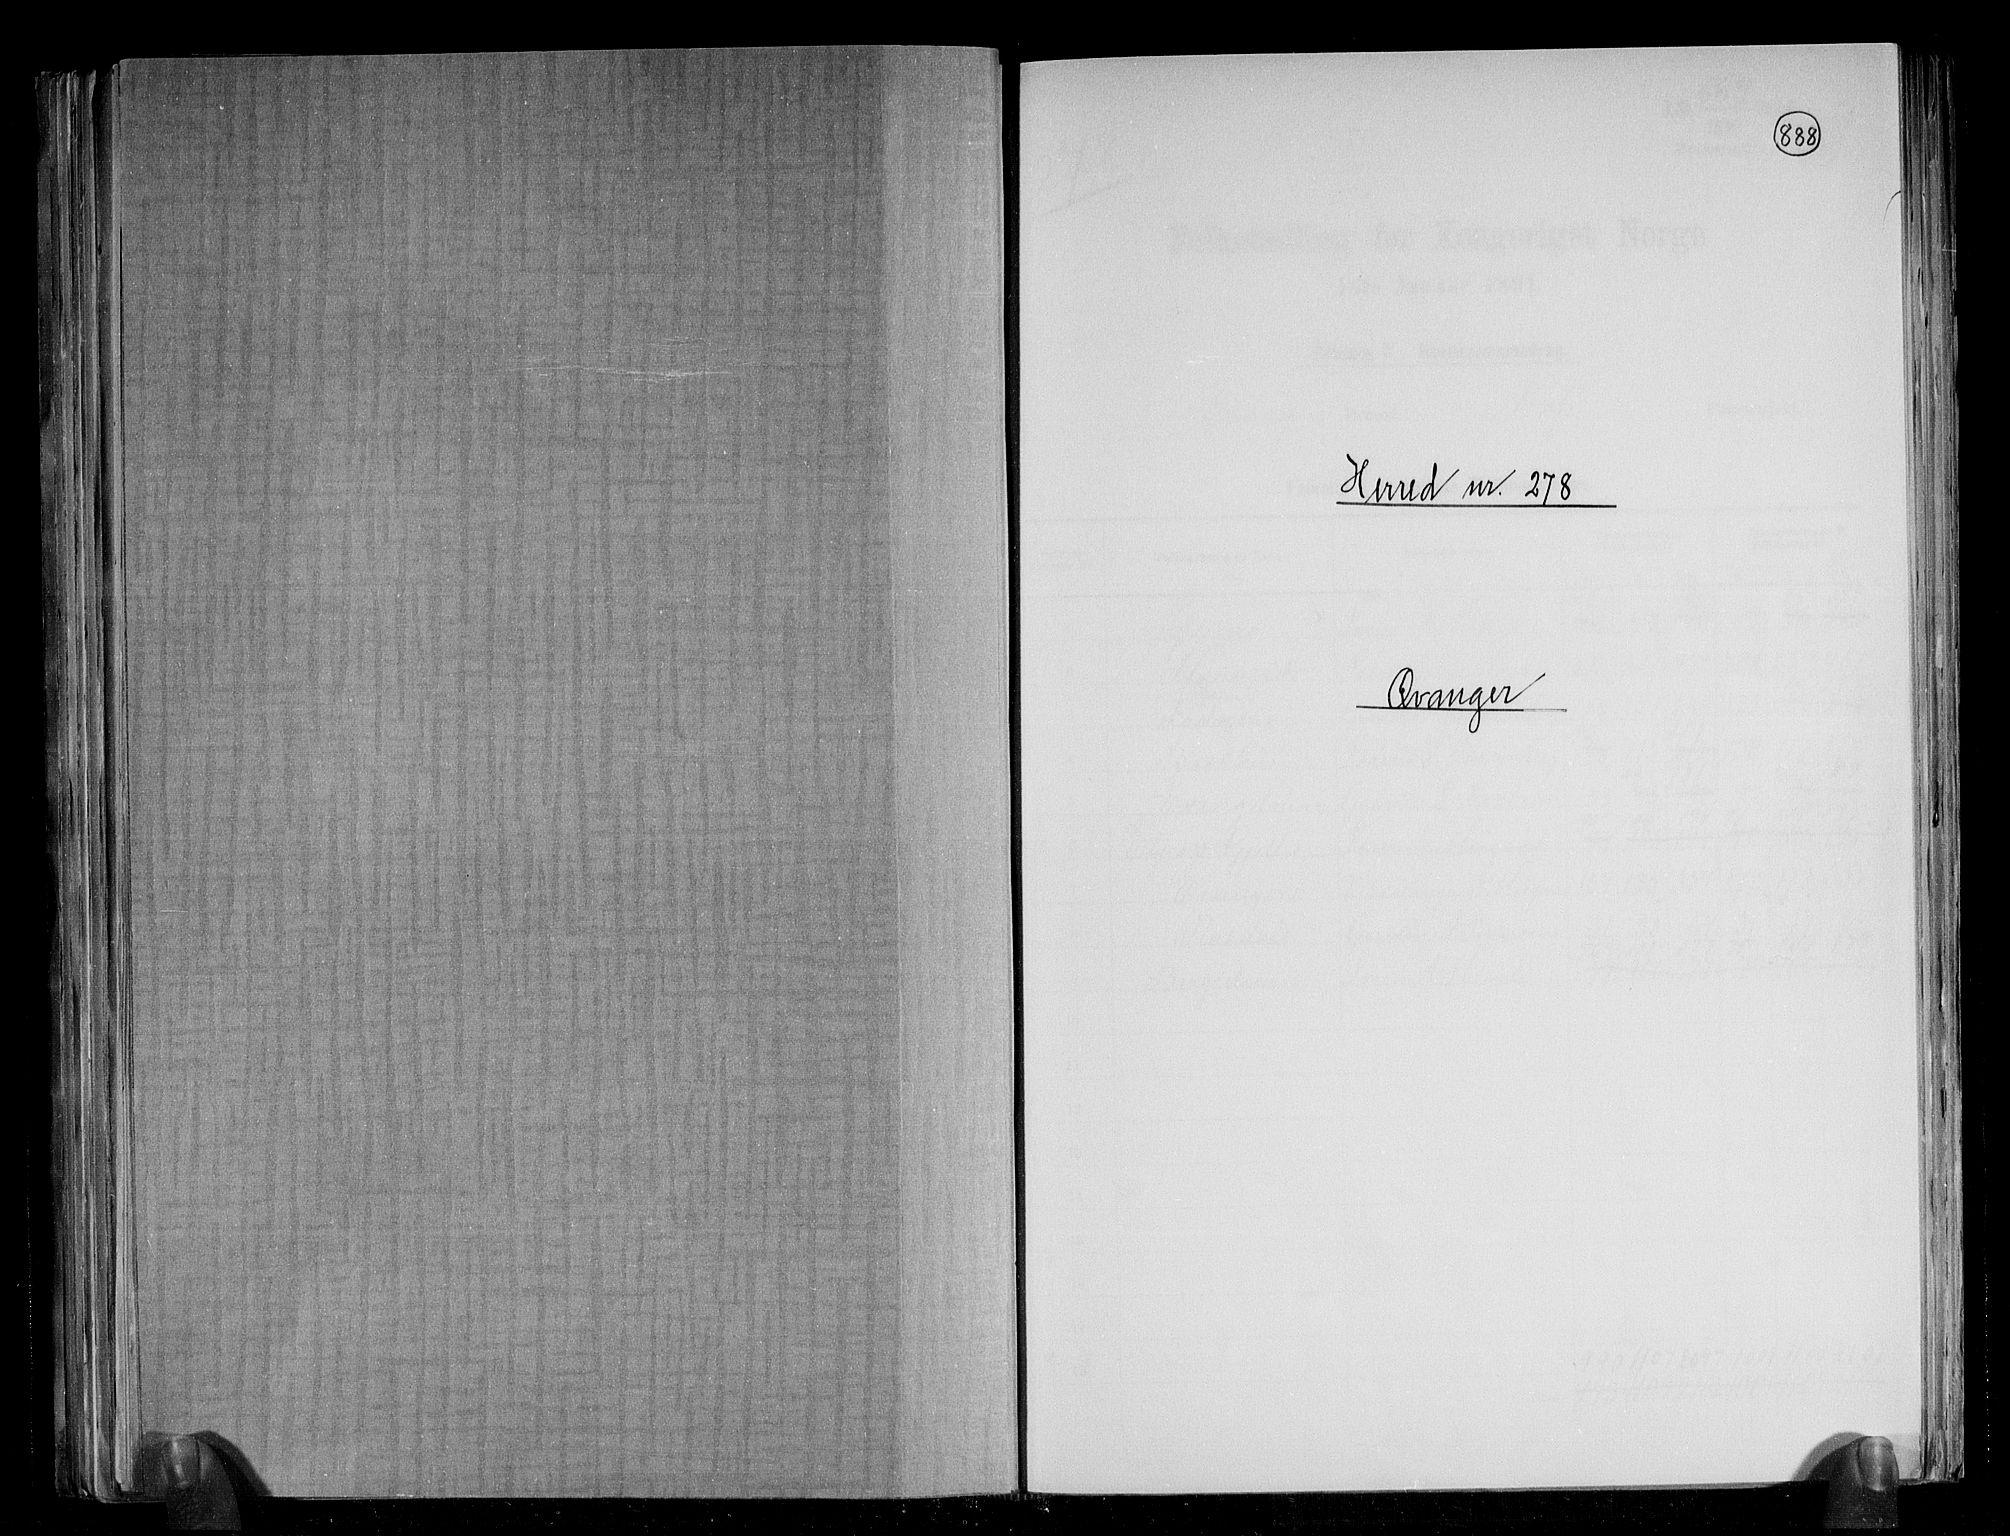 RA, Folketelling 1891 for 1237 Evanger herred, 1891, s. 1